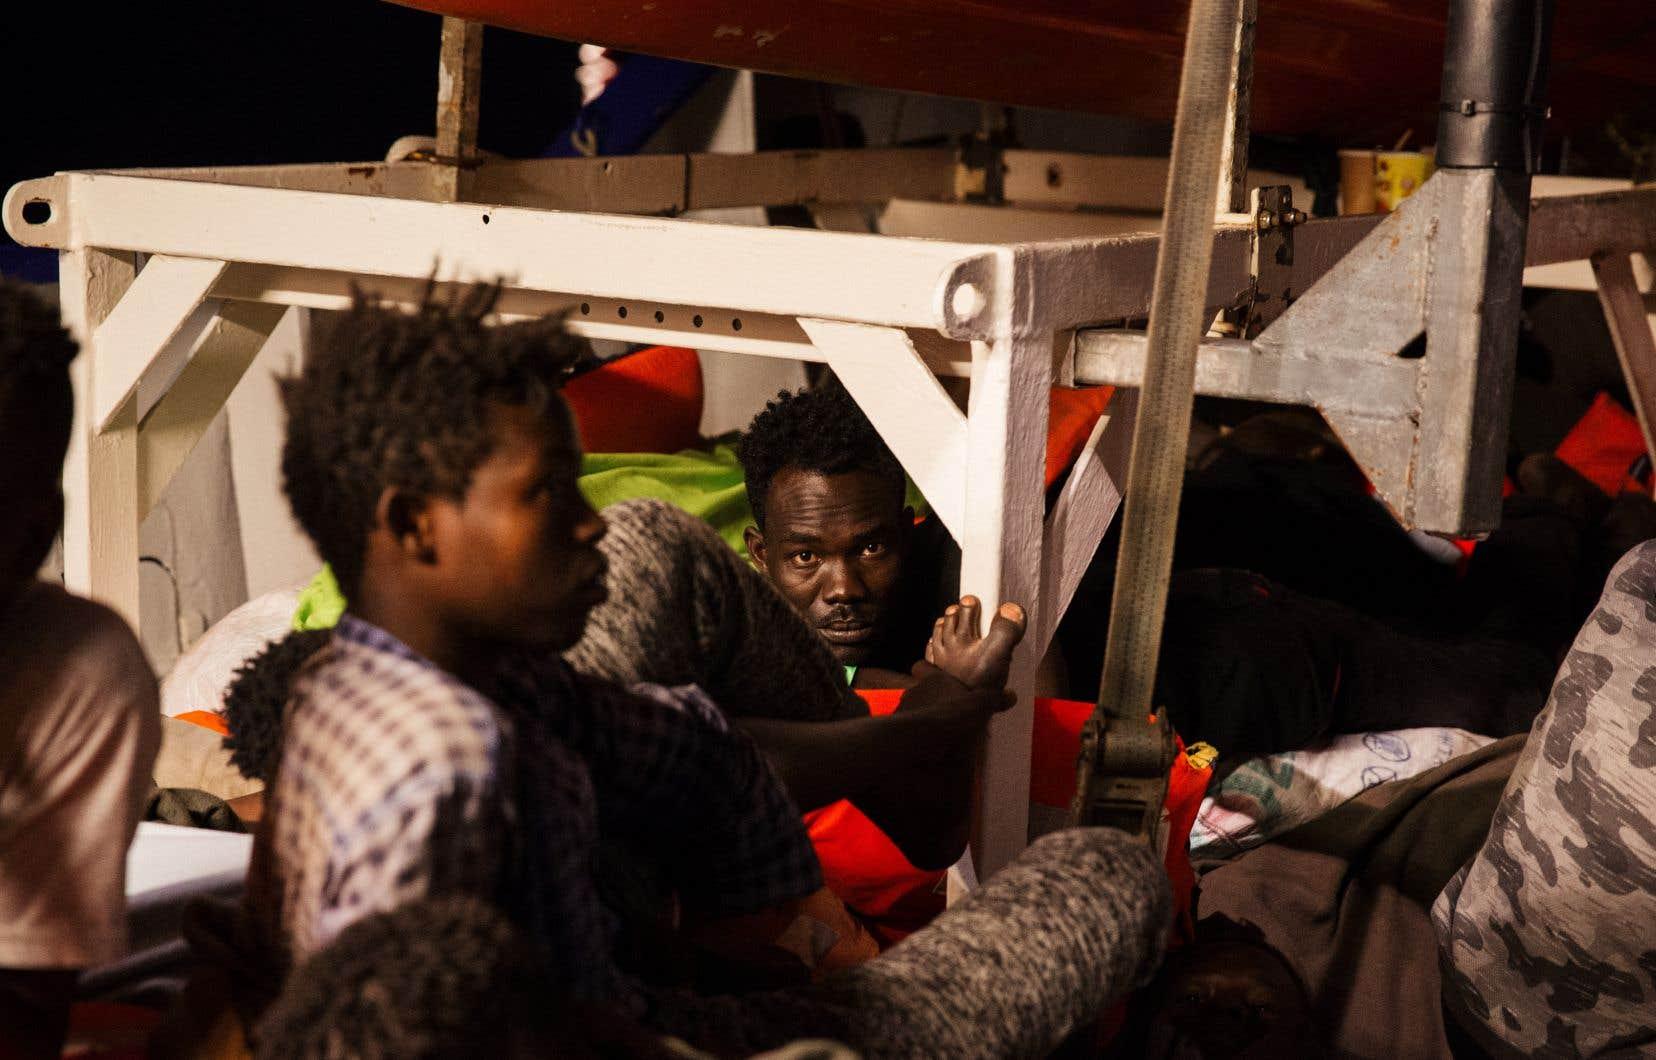 Le navire humanitaire <em>Lifeline</em>transporte233 migrants recueillis au large de la Libye.